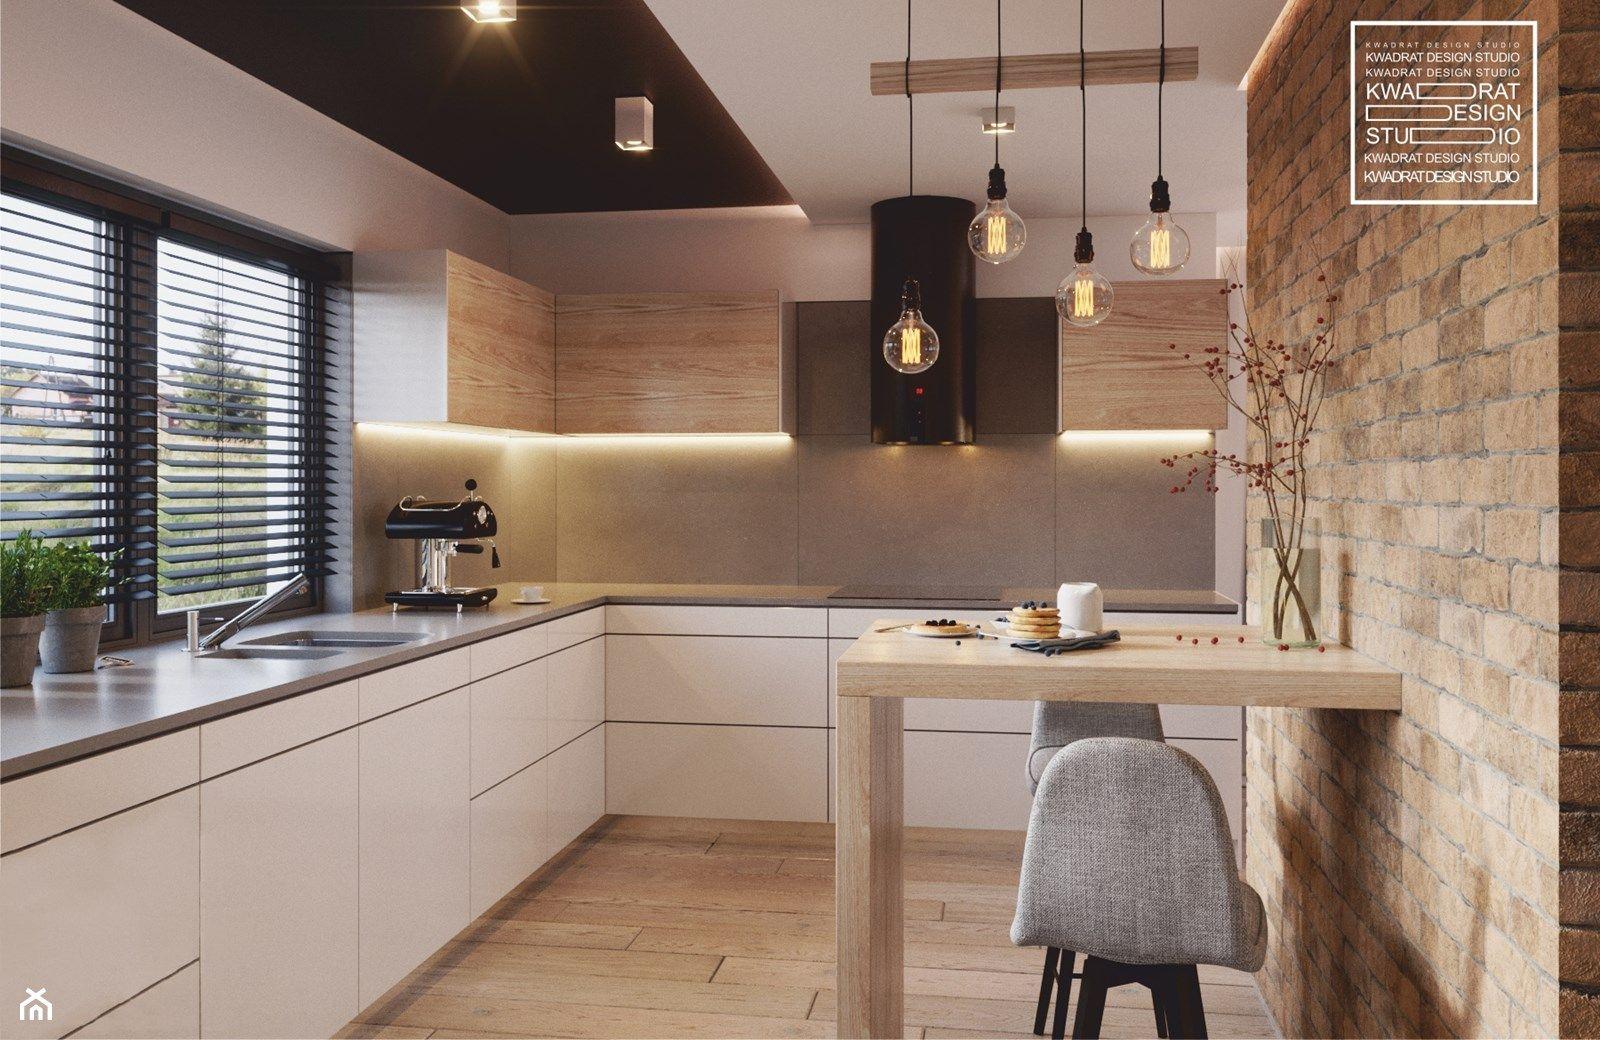 Nowoczesne Wnetrze Kuchni I Salonu Zdjecie Od Kwadrat Design